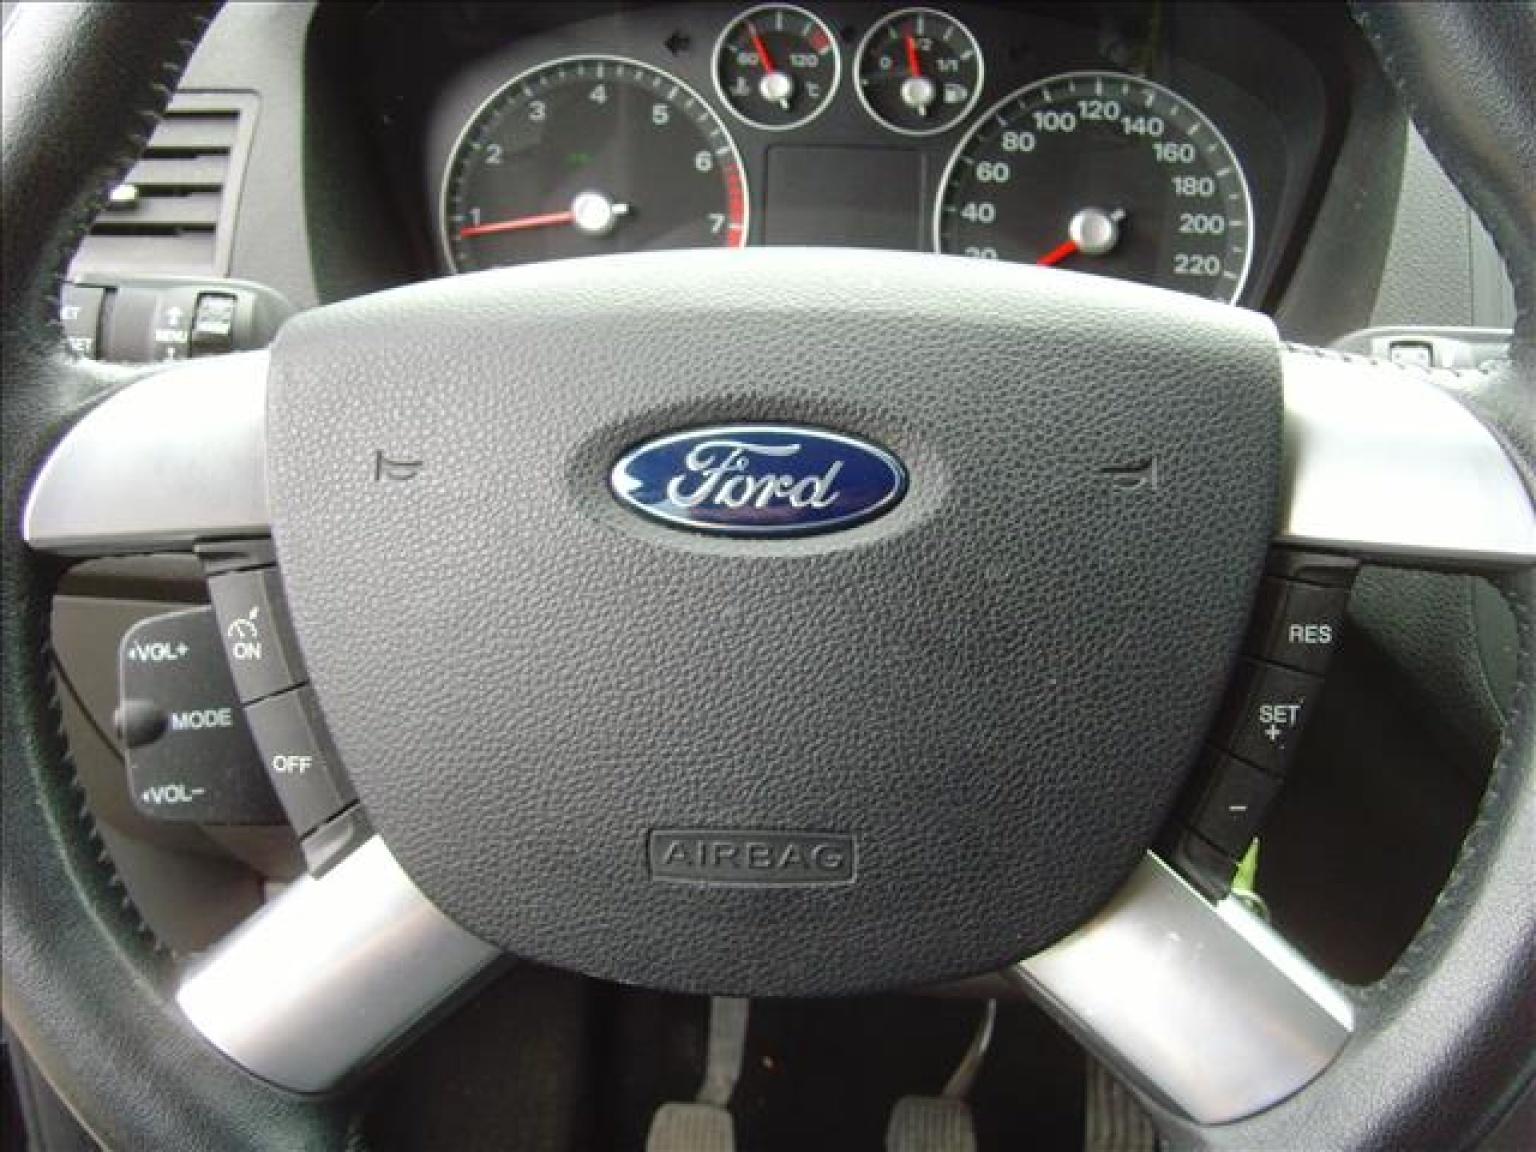 Ford-Focus C-MAX-14